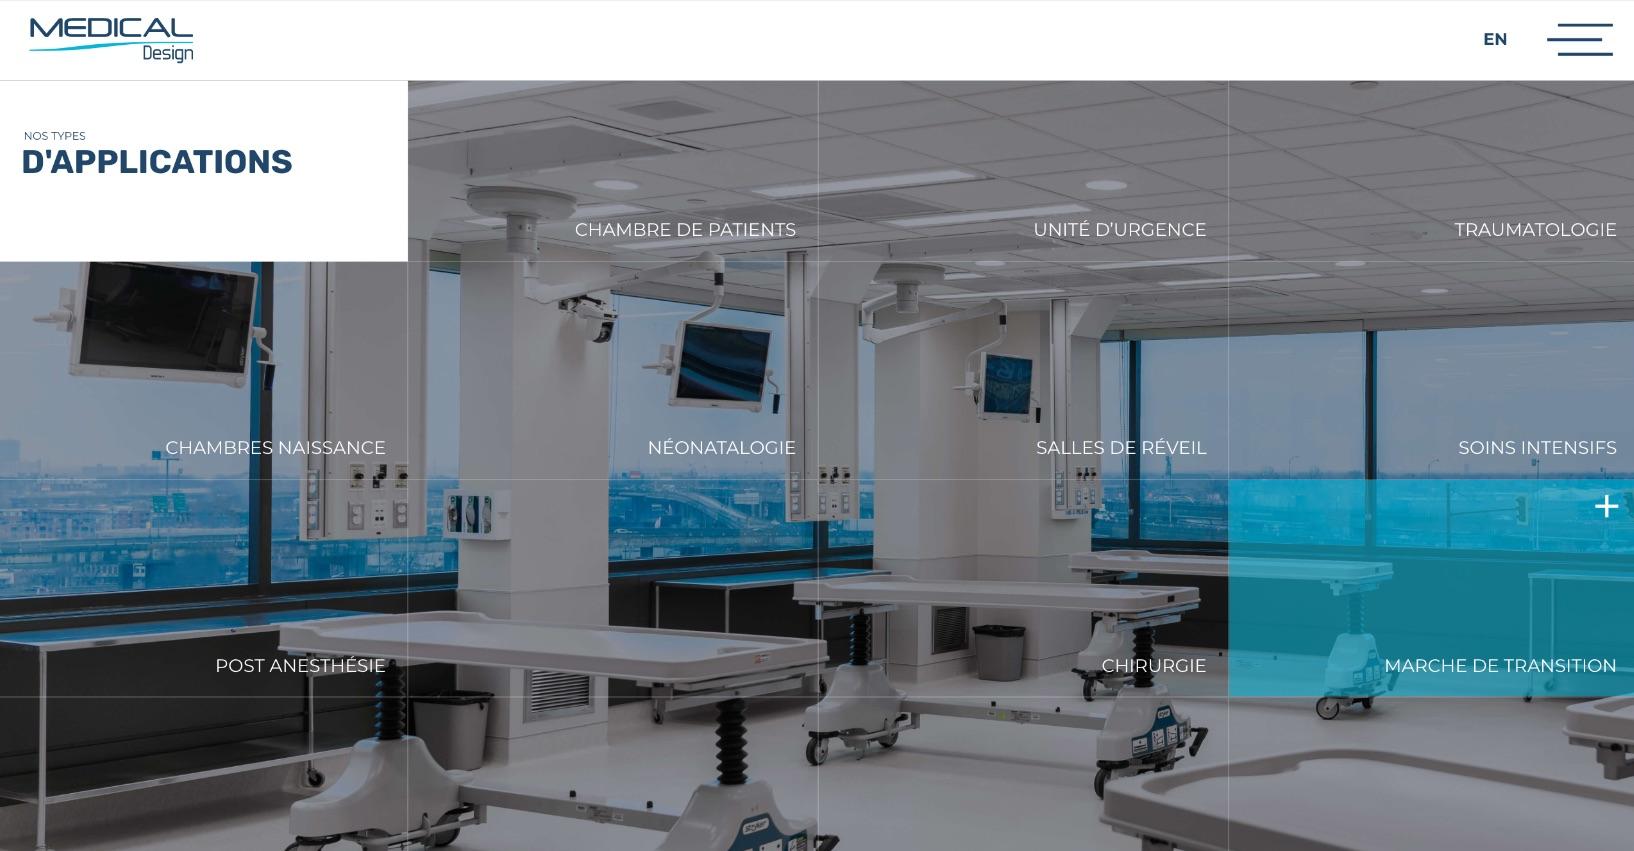 Design Web | Grille de services | Hover | Redirection stratégique